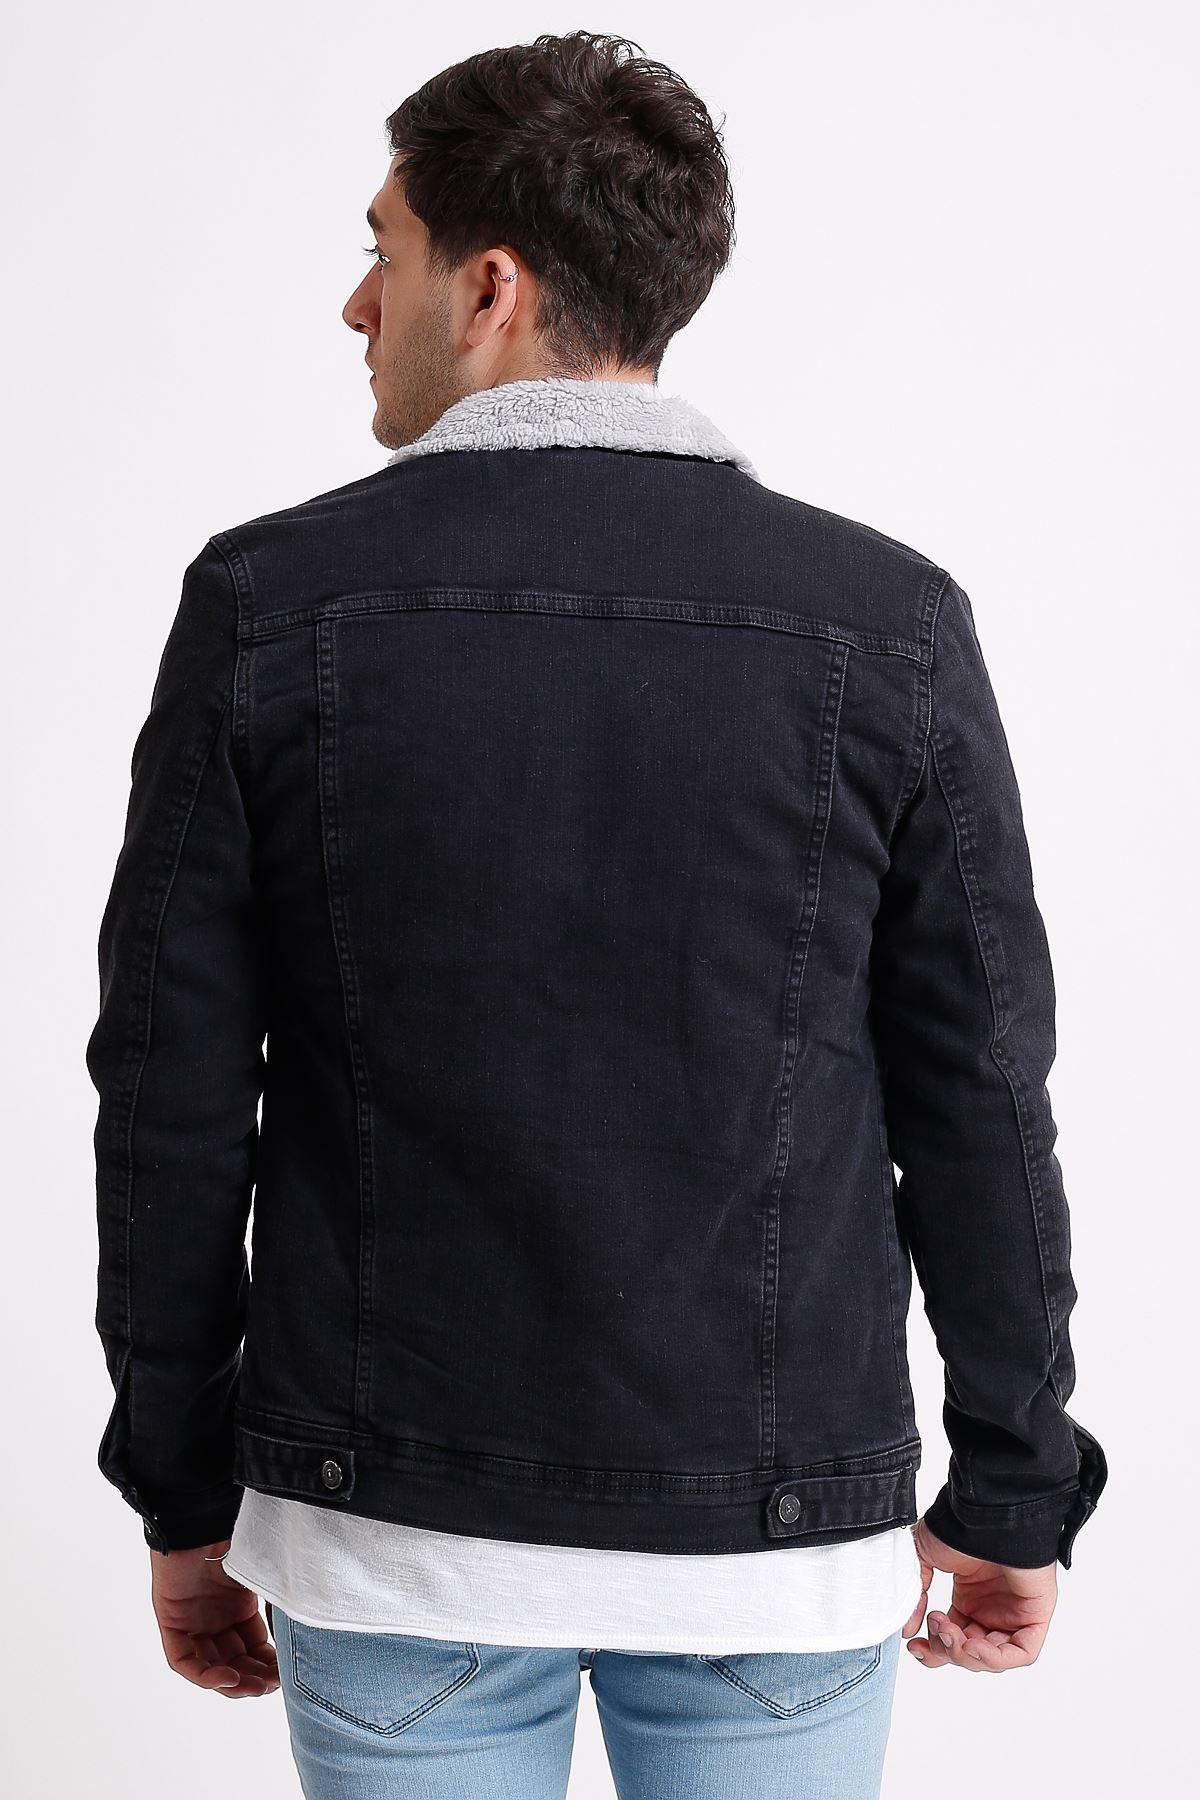 İçi Kürklü Siyah Erkek Yıkamalı Kot Ceket